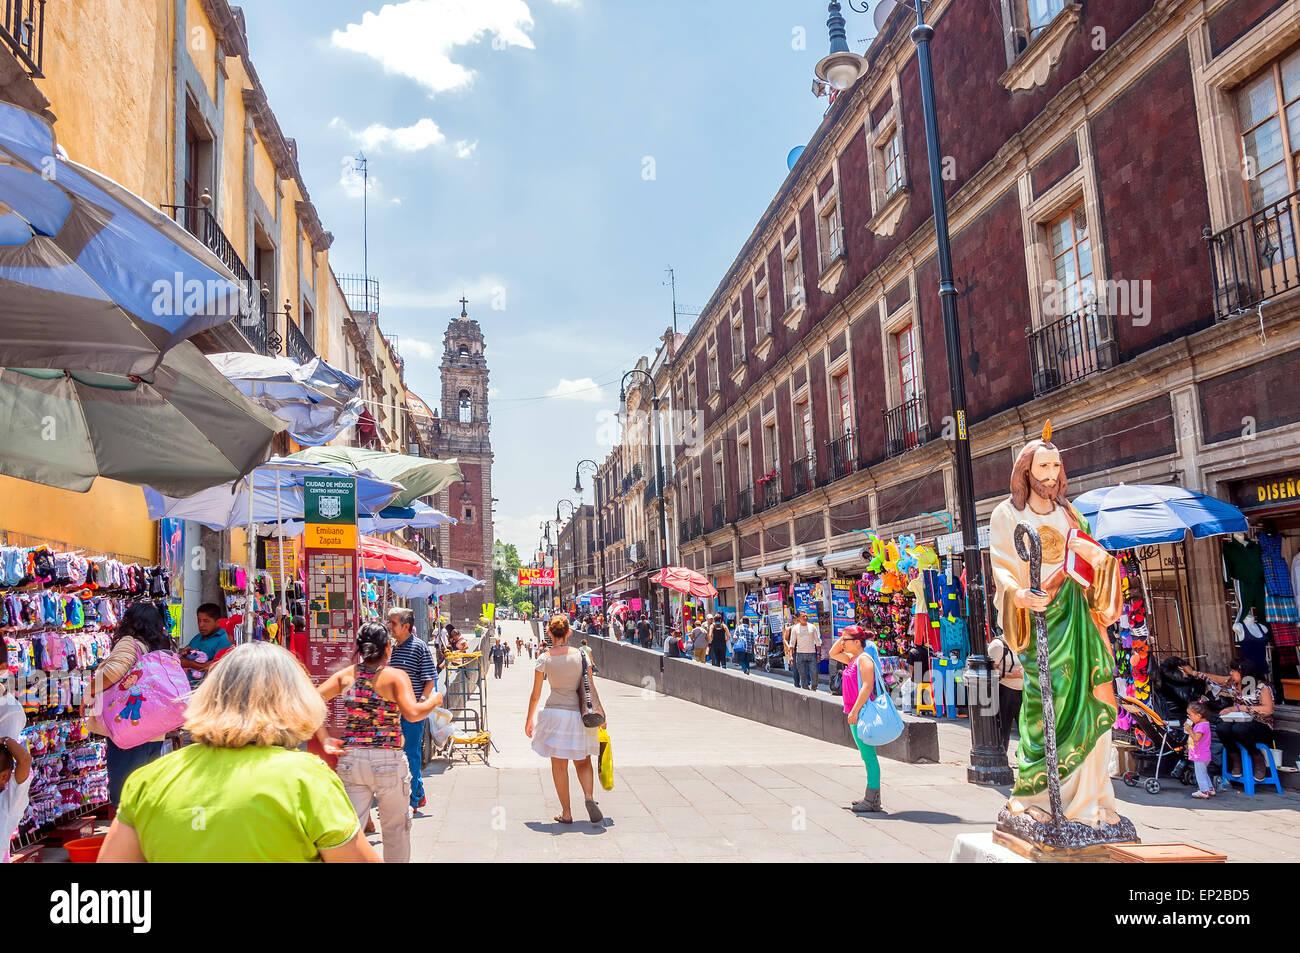 Città del Messico, Messico - 29 Aprile 2014: la gente del posto e i turisti in Zocalo strade in centro a Città Immagini Stock